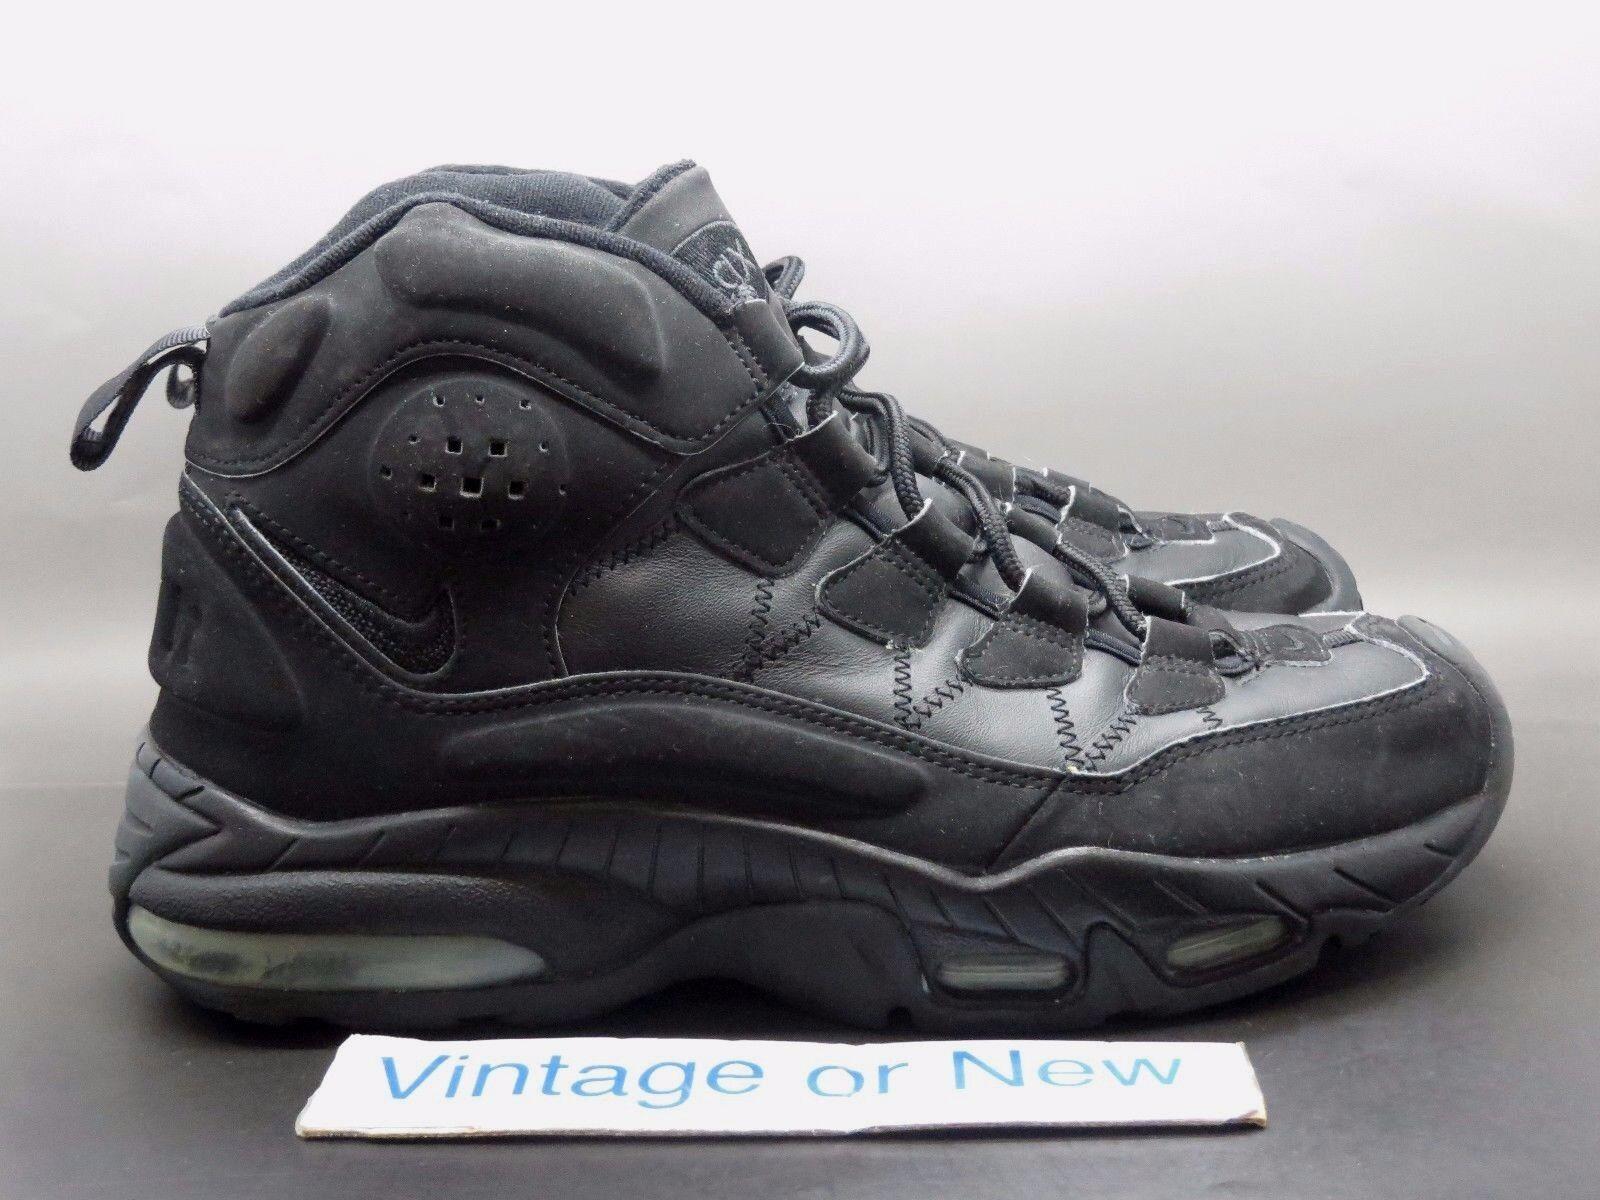 VTG Nike Air Max Trainer '96 Black 2004 sz 9